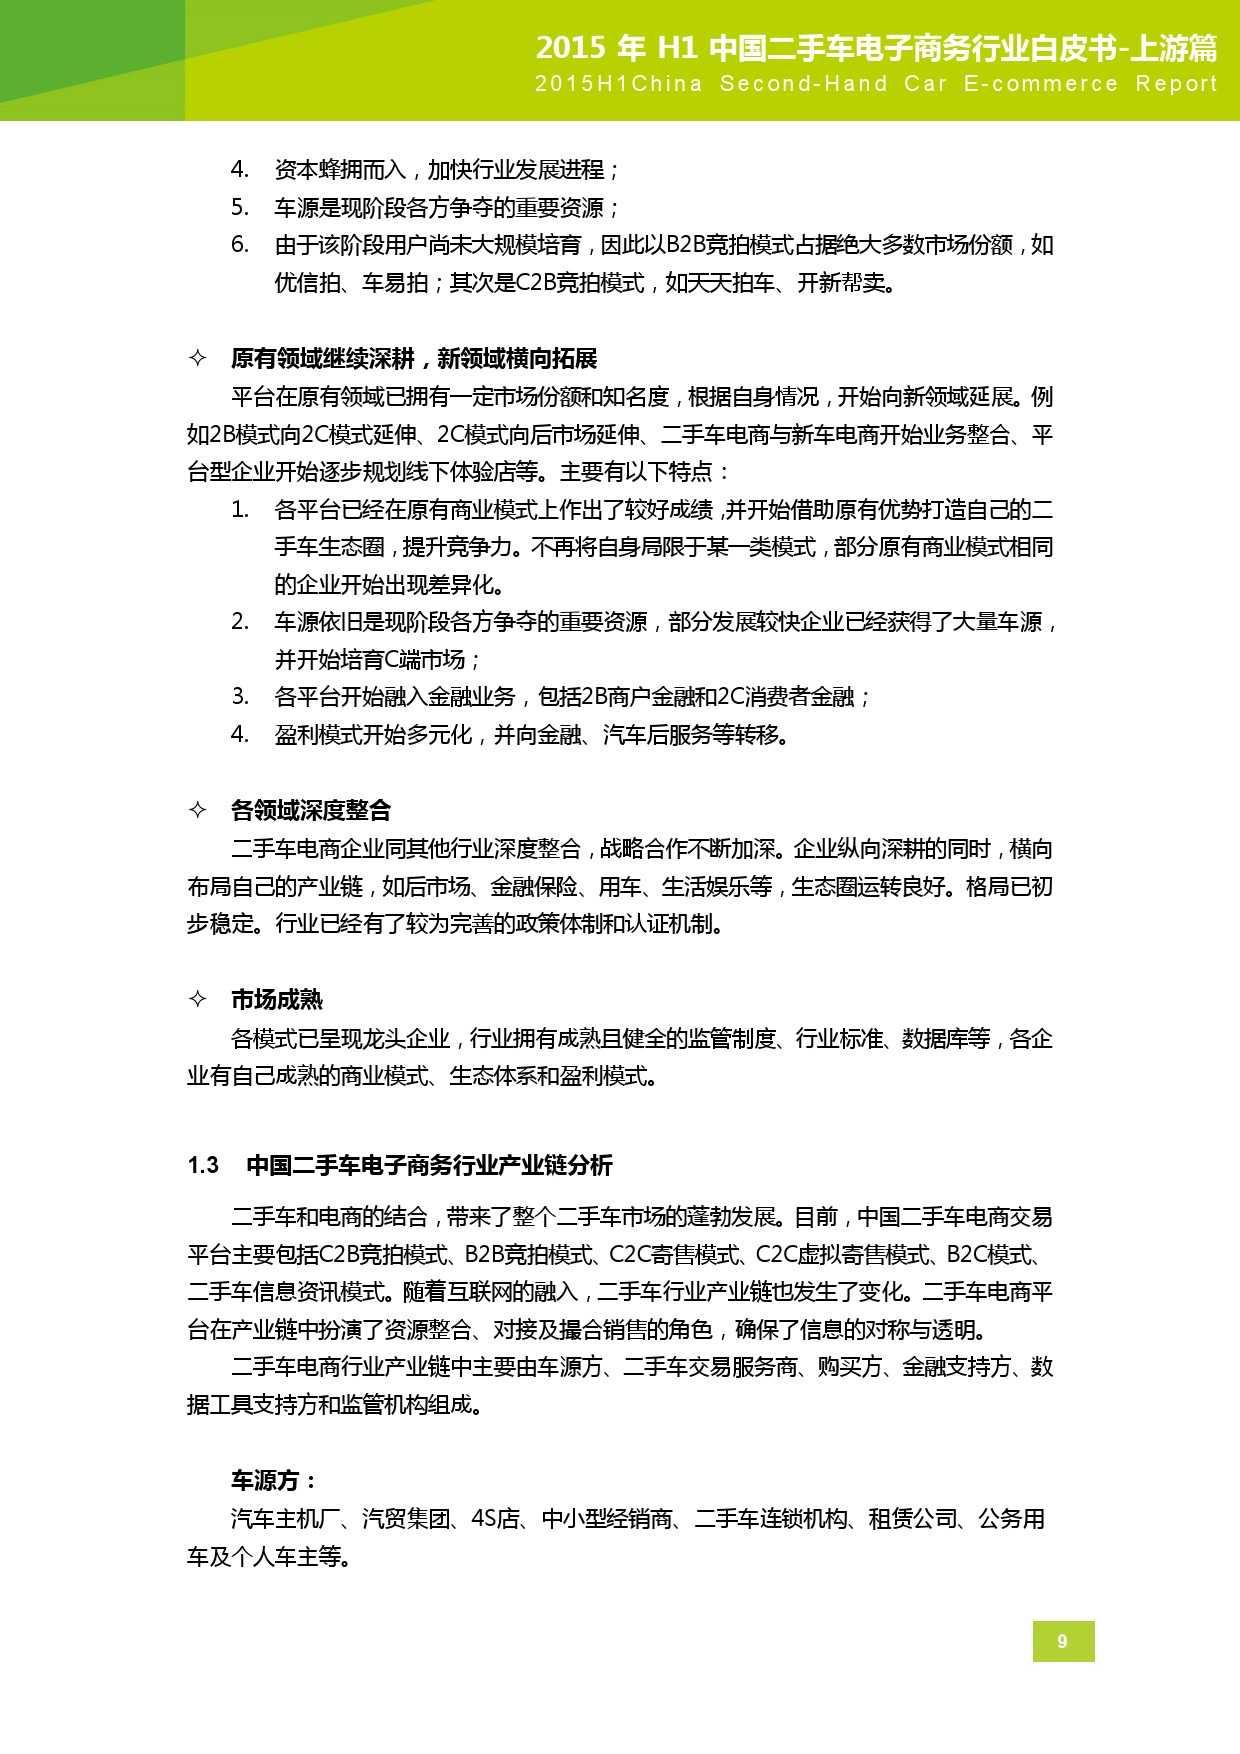 2015年中国二手车电子商务行业白皮书-上游篇_000010